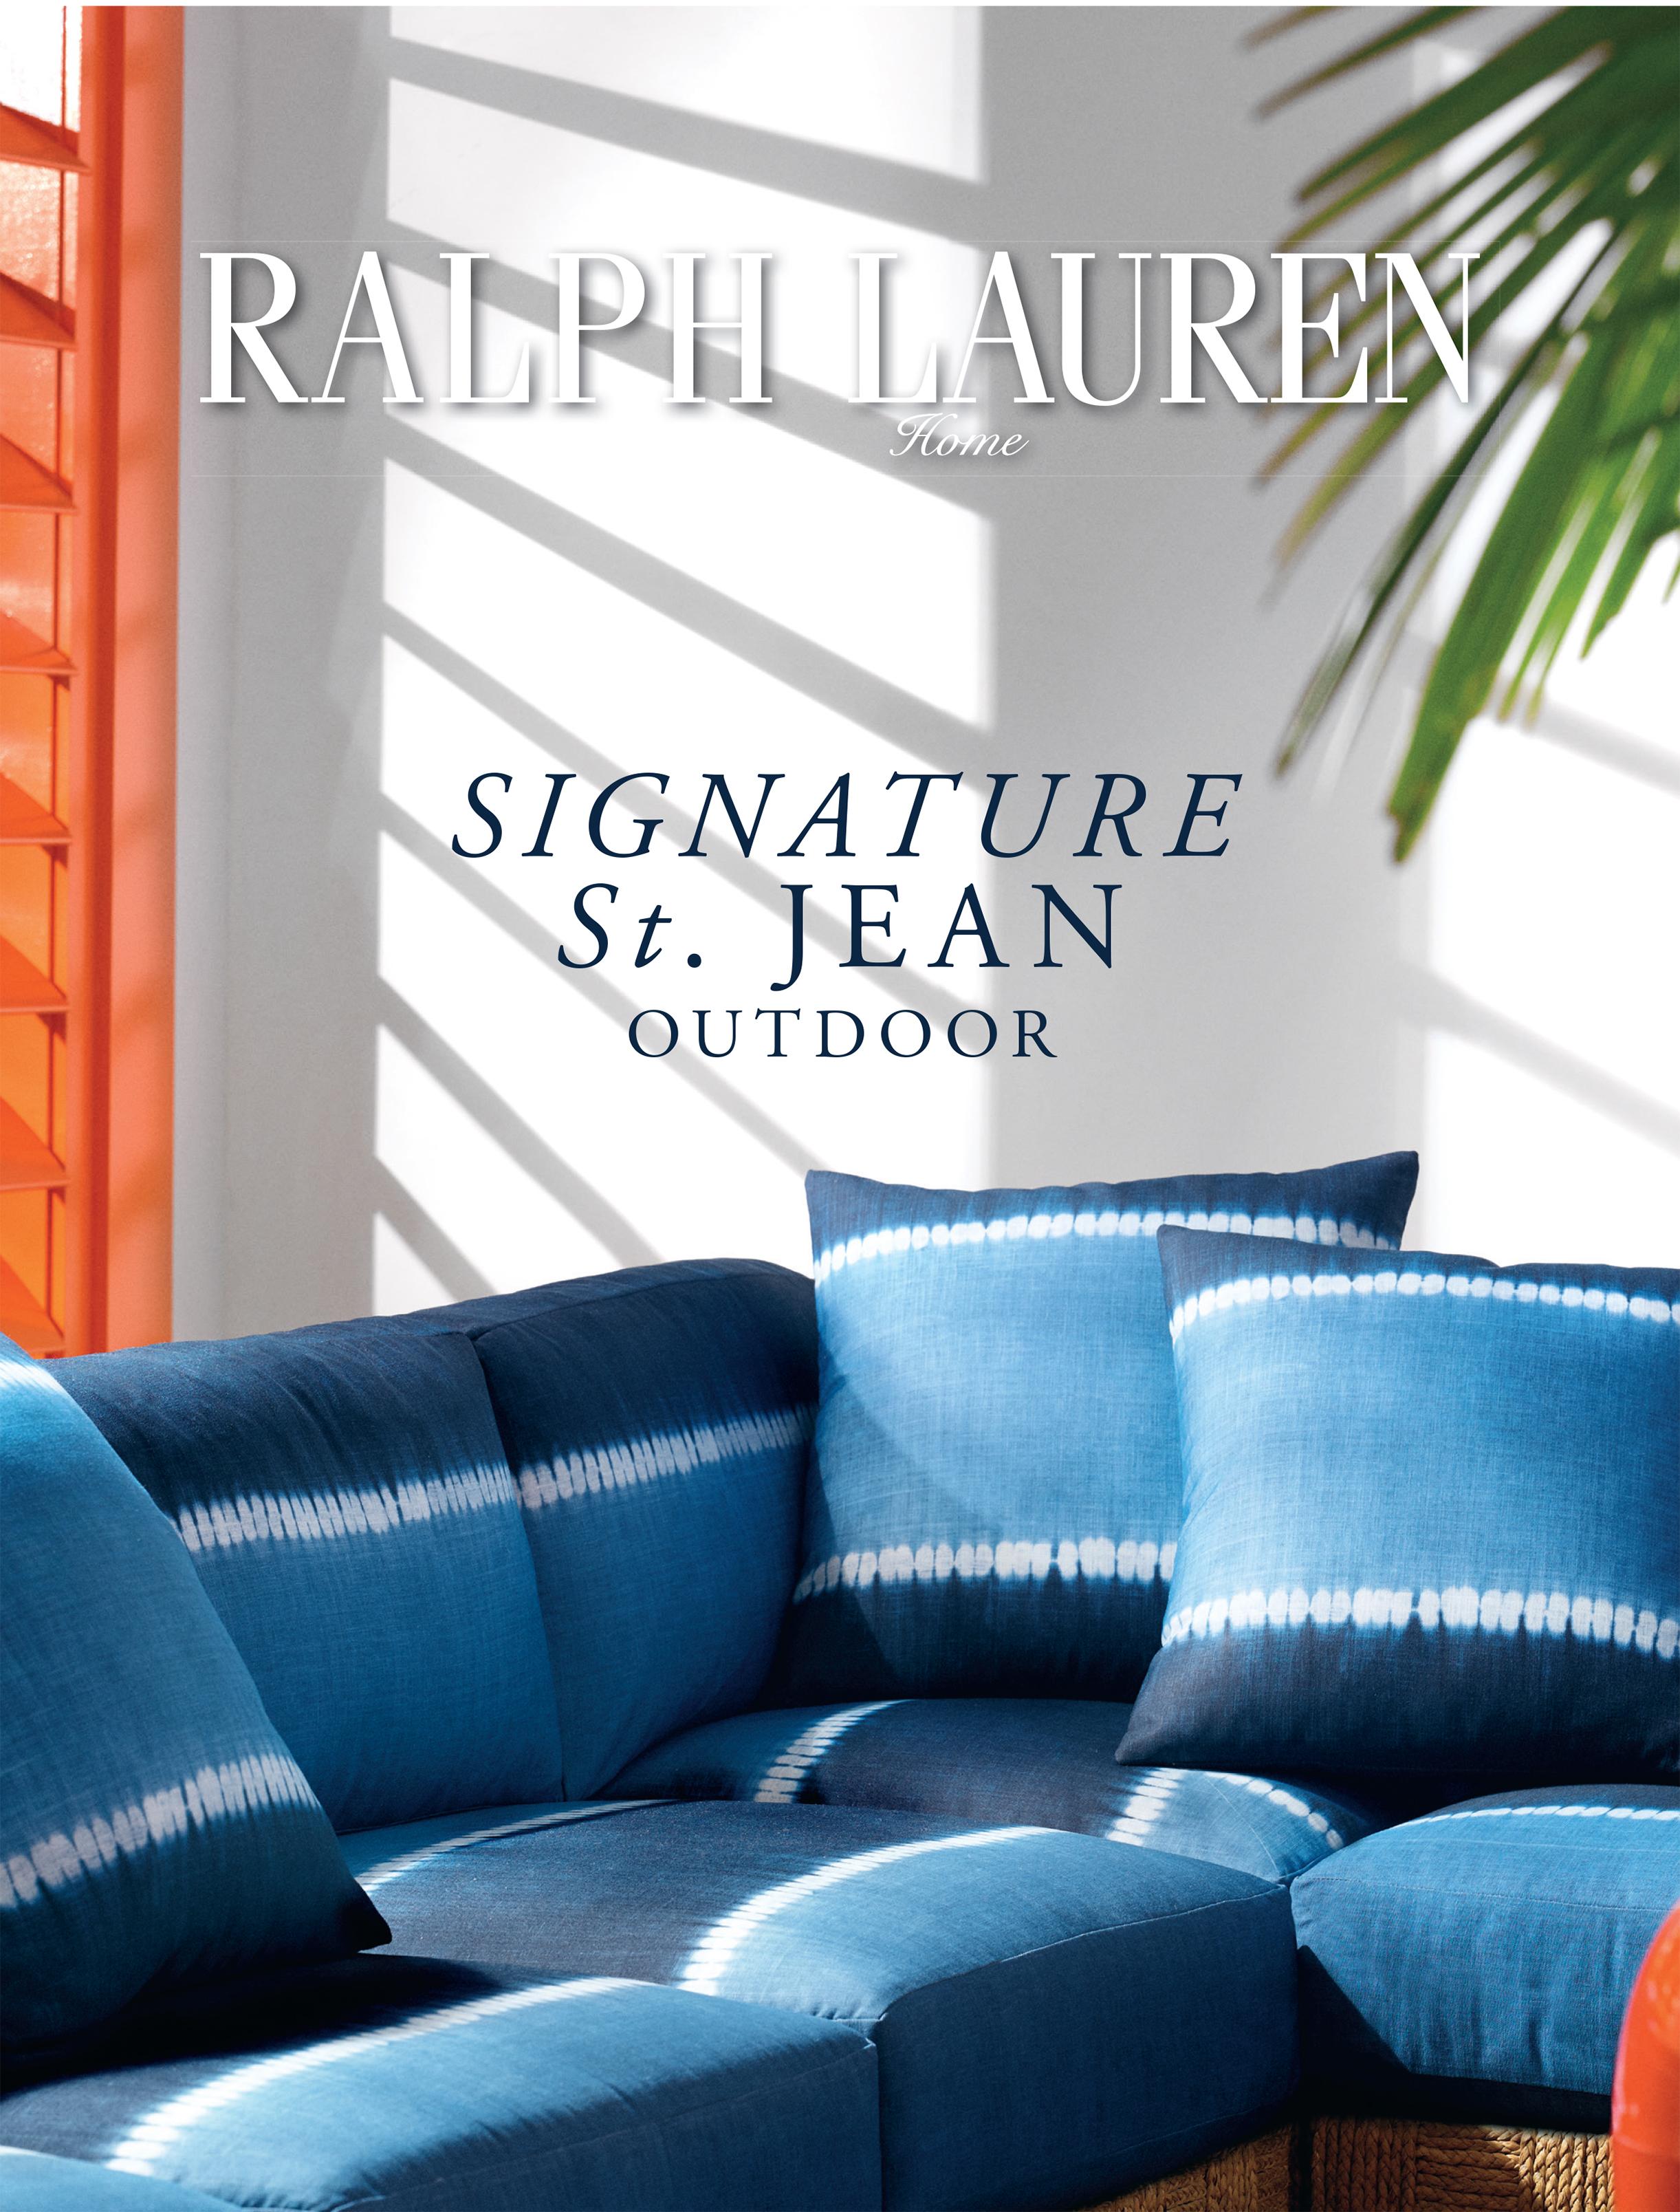 RALPH LAUREN FABRICS SPRING/SUMMER 2020